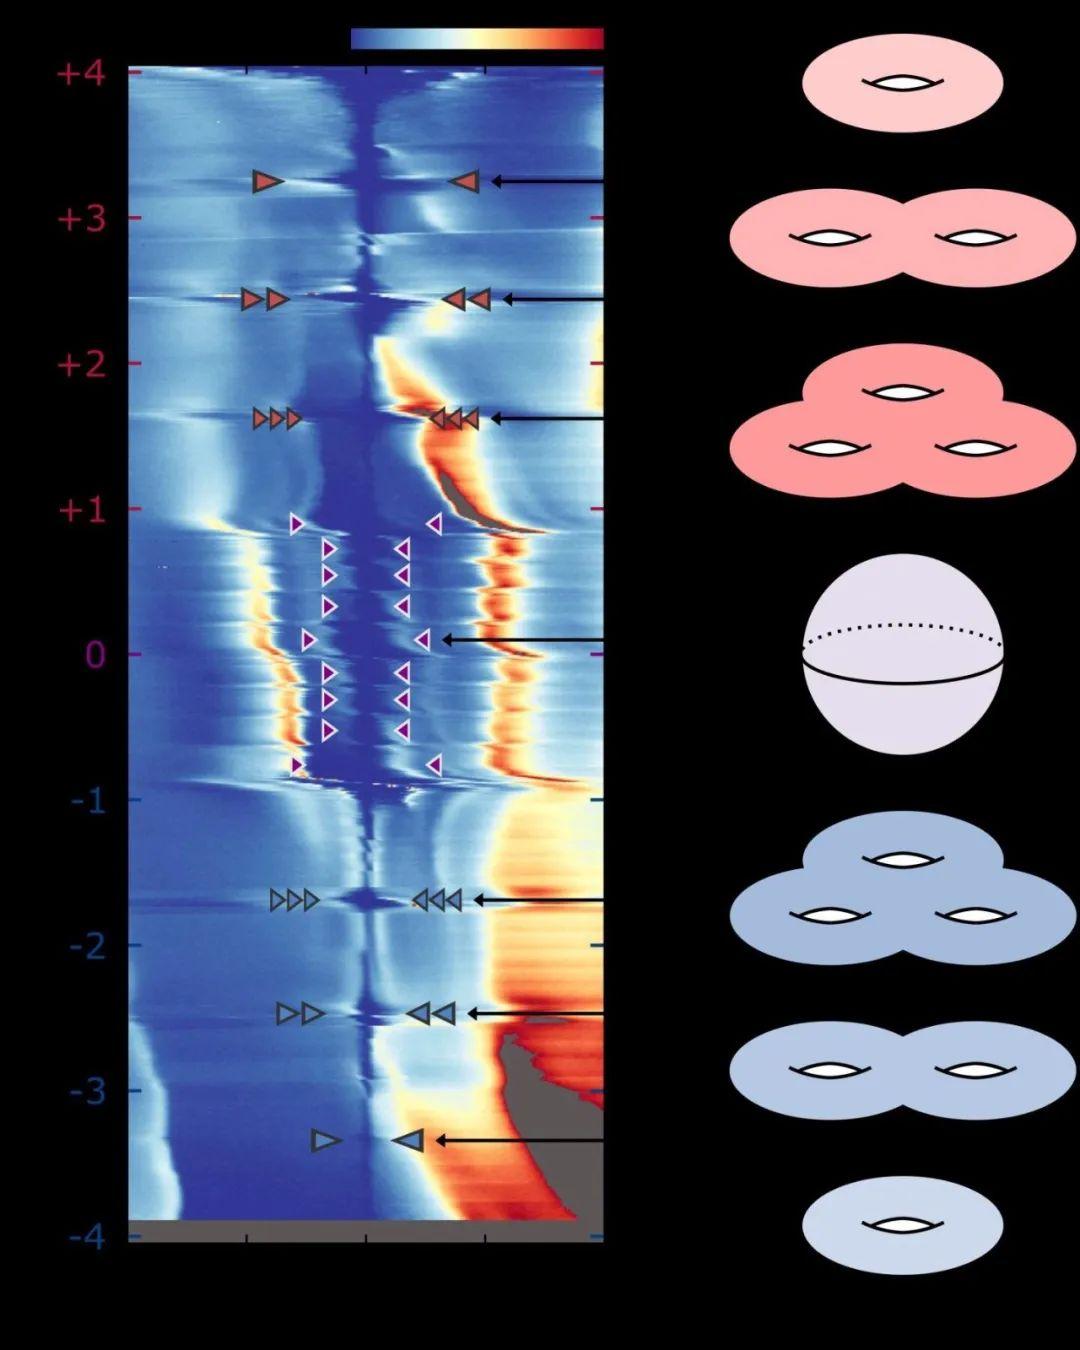 石墨烯又出新发现:能让电子产生拓扑量子态,革命性的巨大潜力!